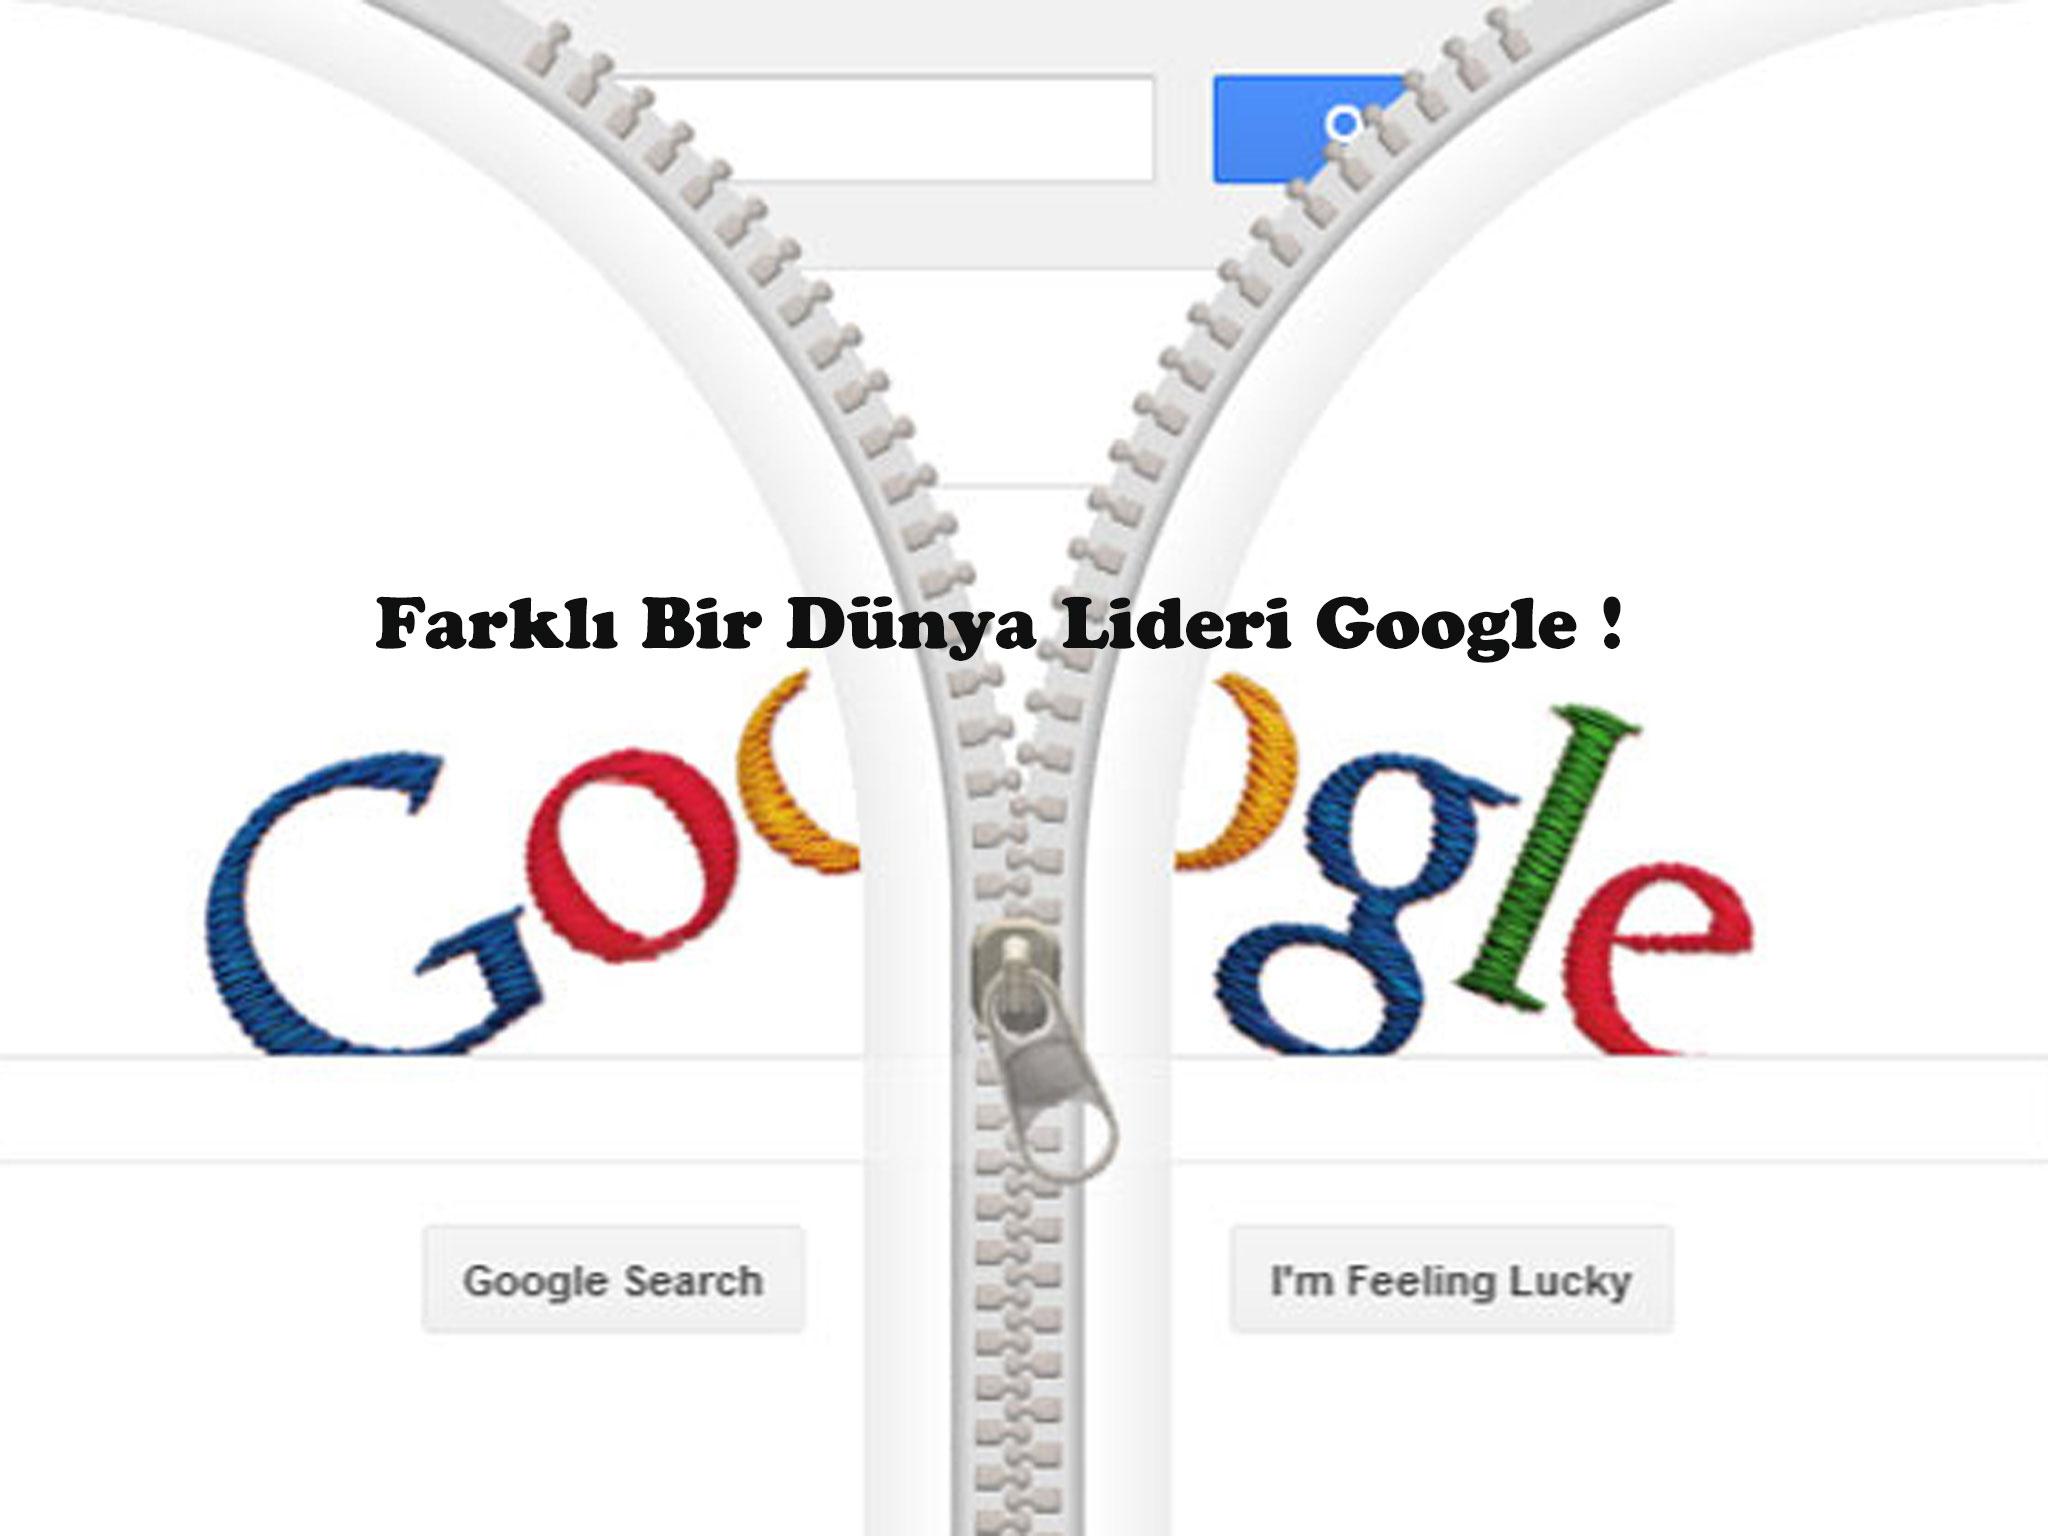 Farklı Bir Dünya Lideri Google !